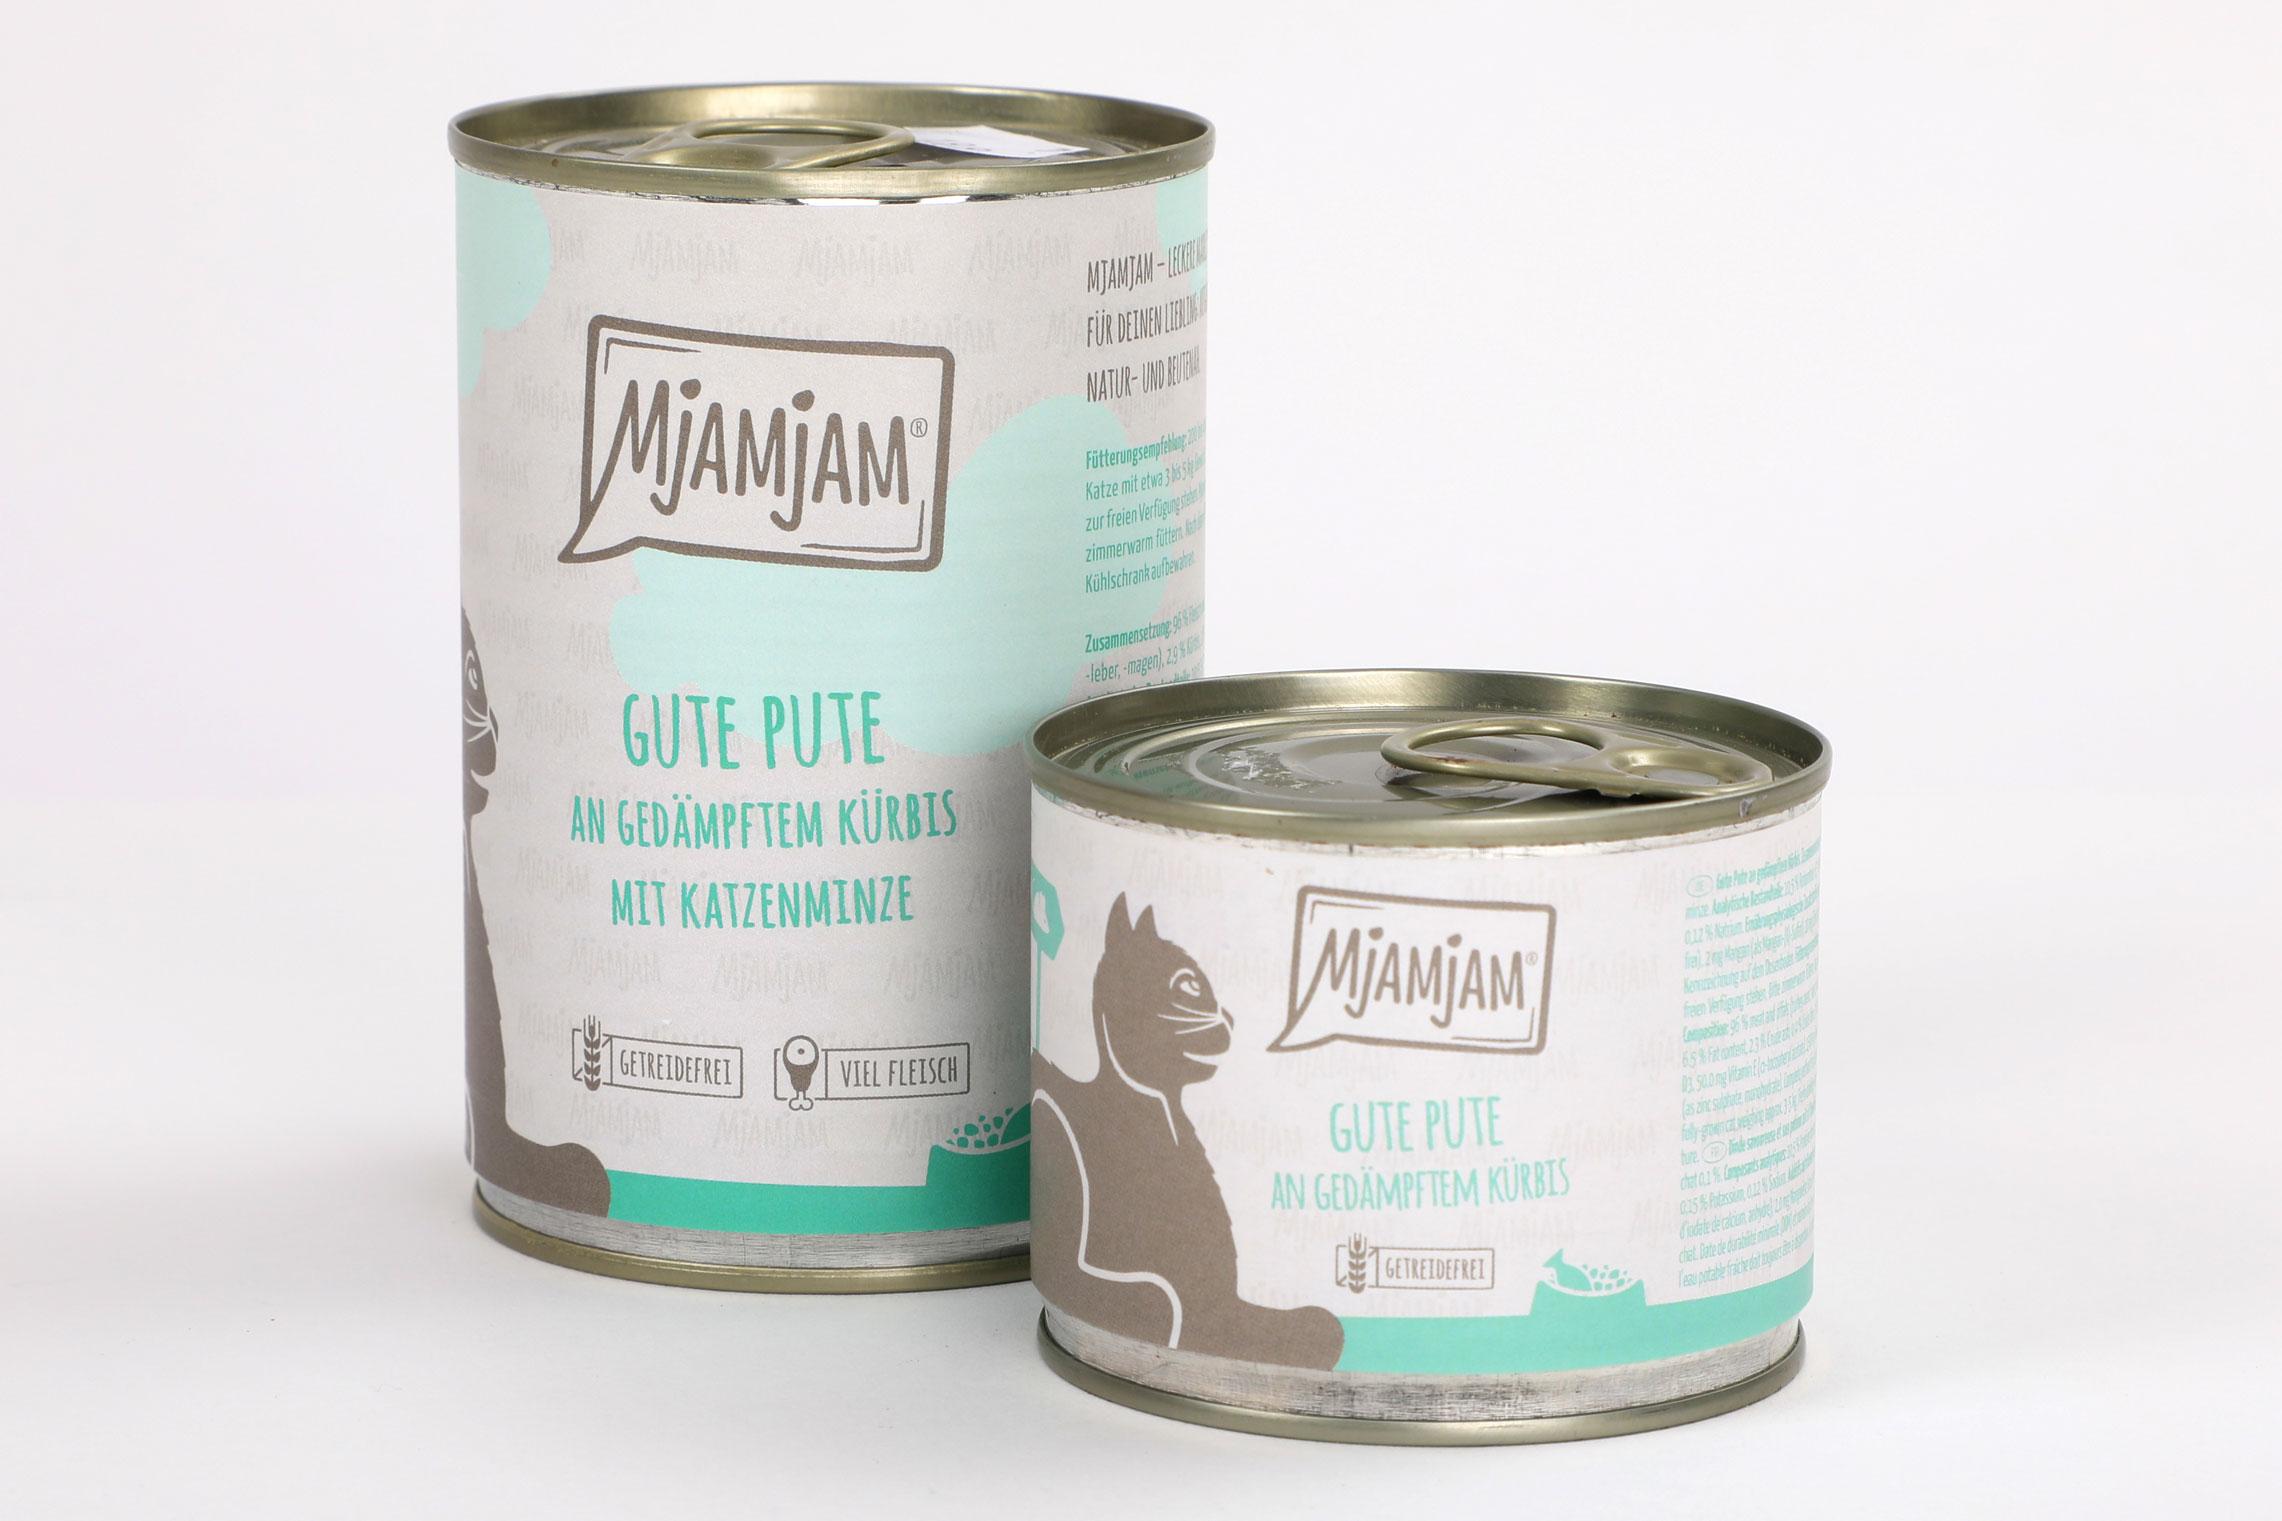 Mjamjam Gute Pute Kürbis Napf Express Hundefutter Dosenfutter Katzenfutter Katzenfutter online kaufen